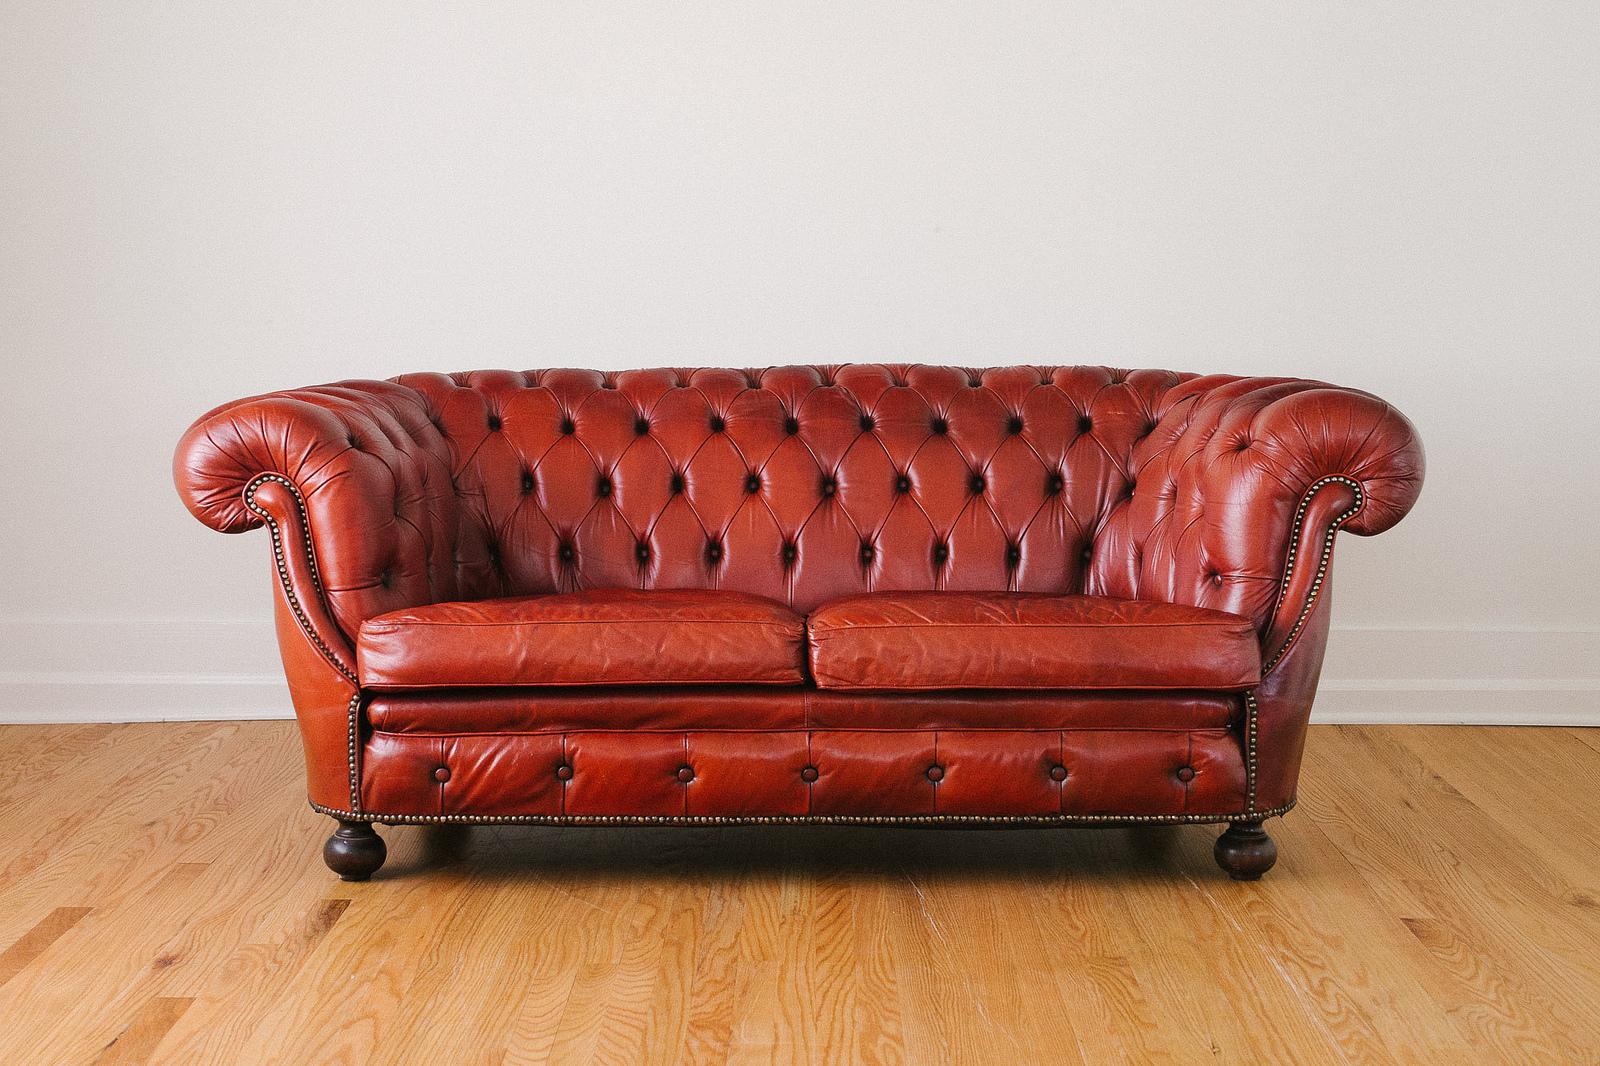 Sofareinigung Flecken Auf Dem Sofa Tipps Zur Pflege Bauherren